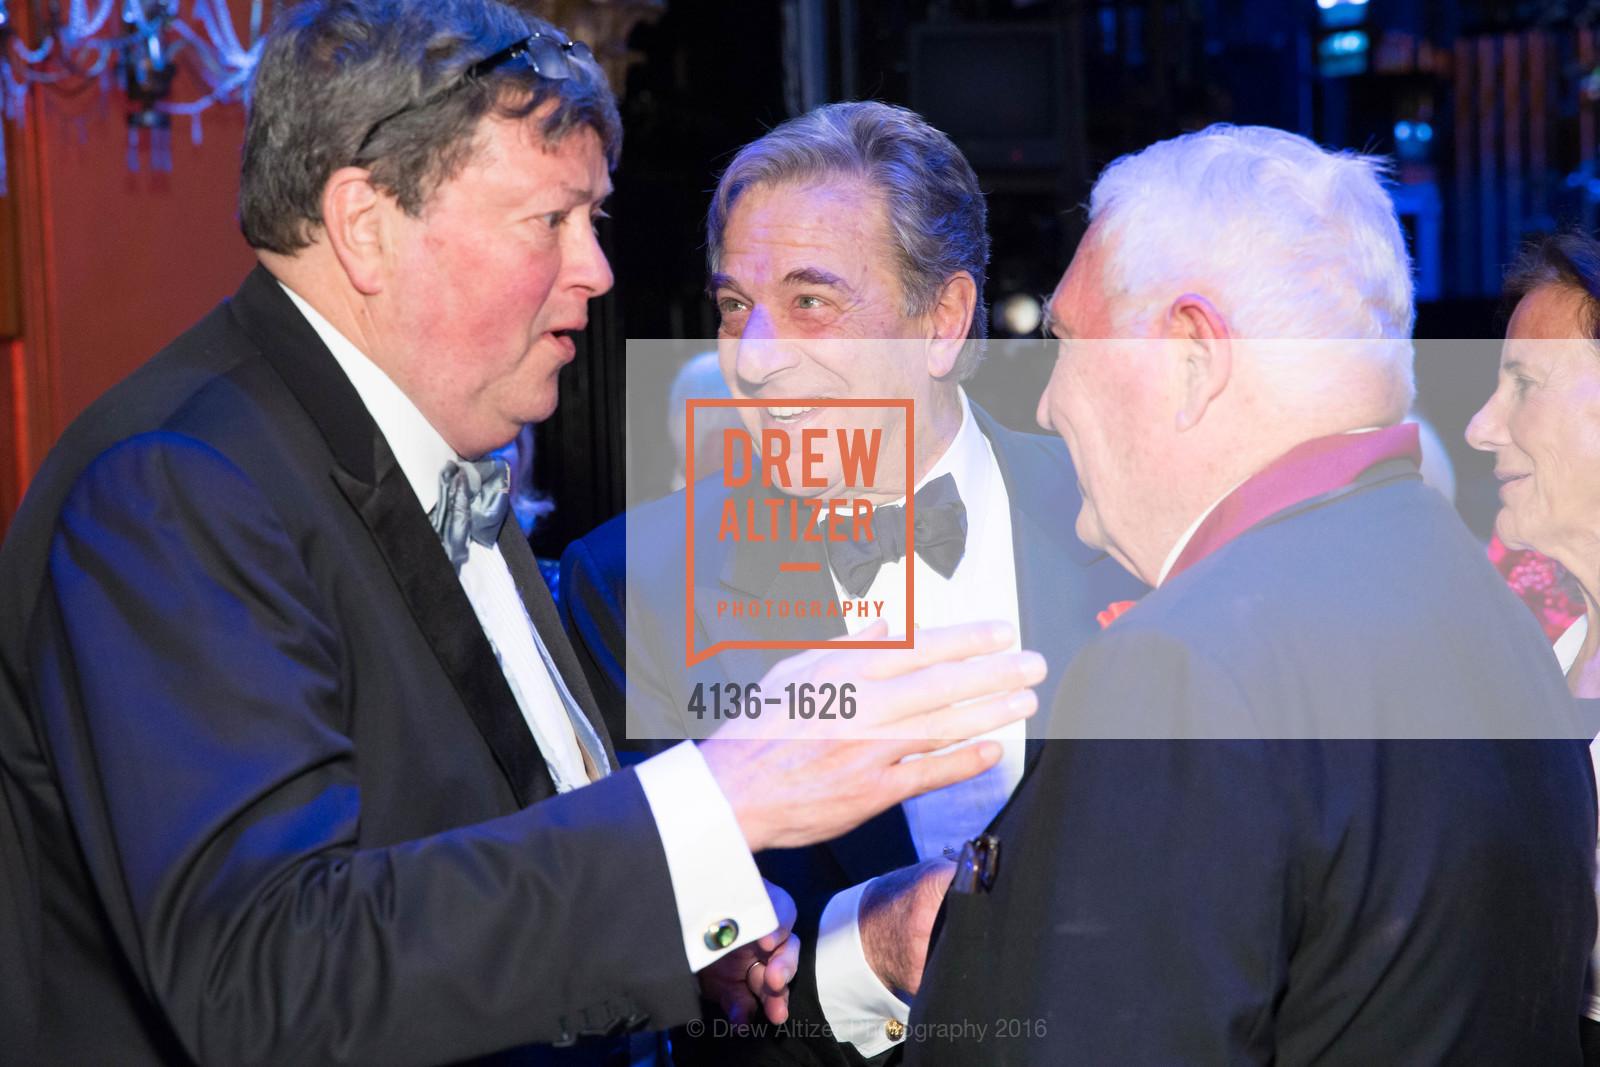 John Gunn, Paul Pelosi, Photo #4136-1626